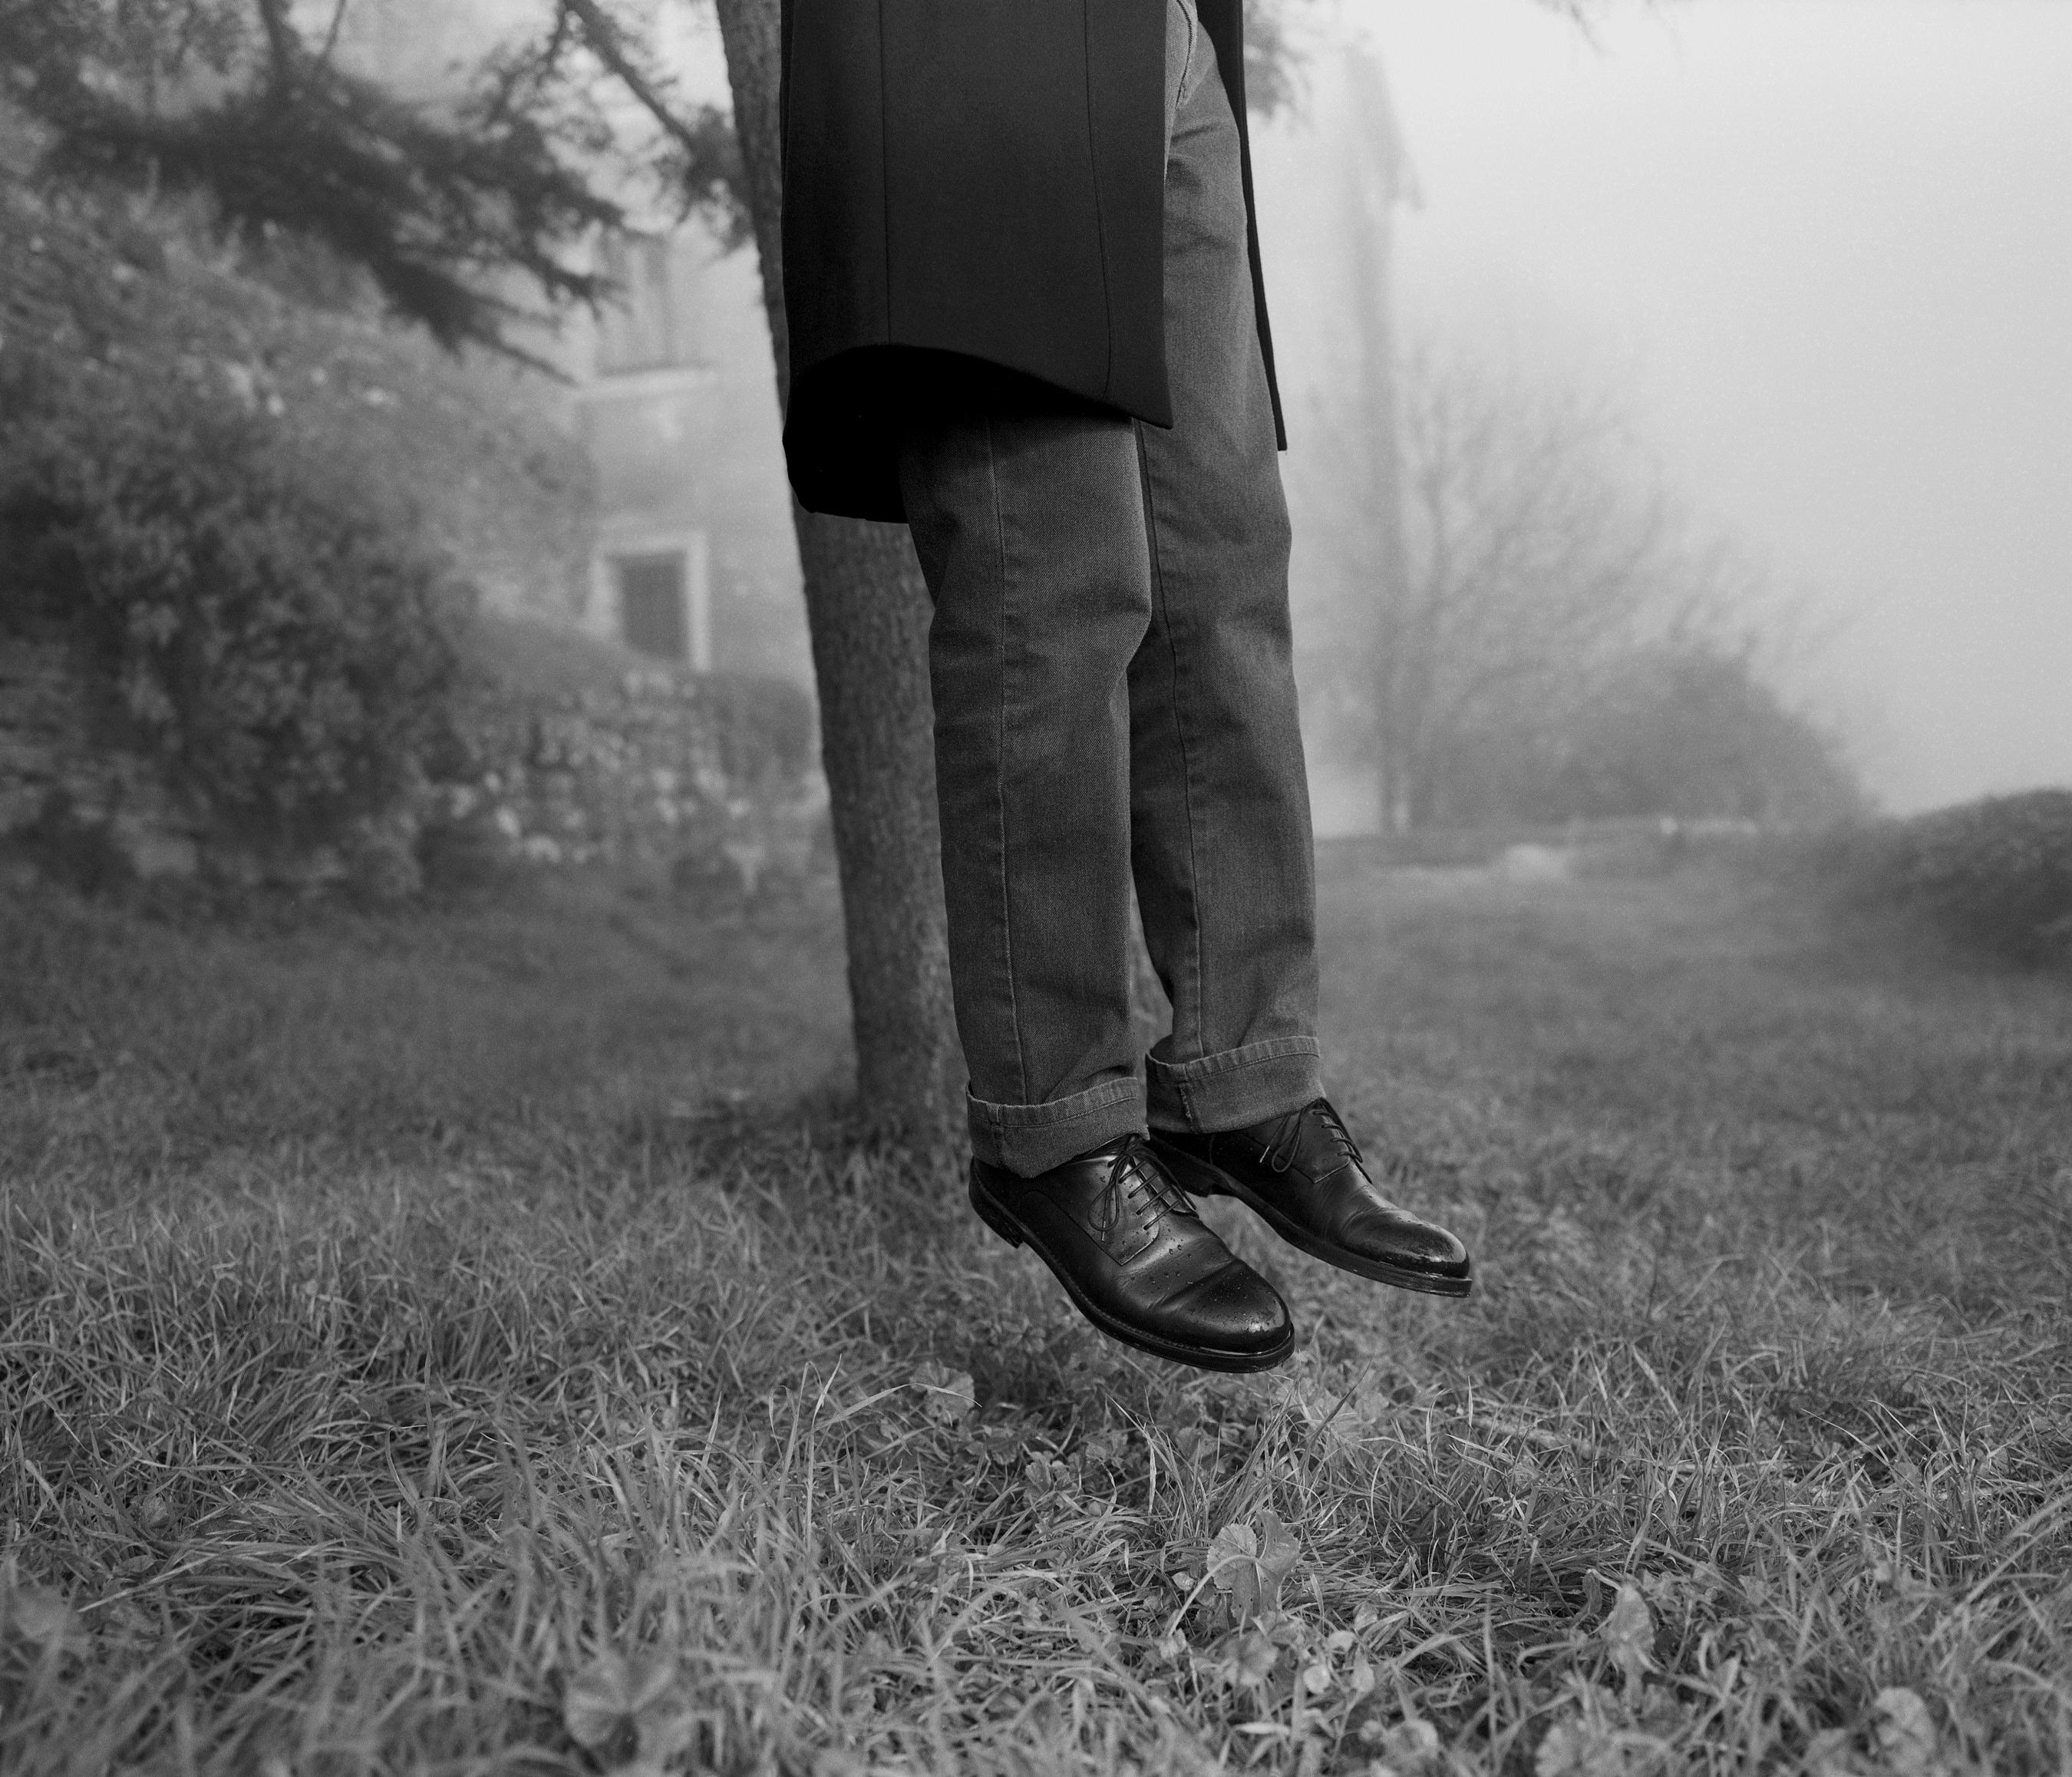 Ana Zibelnik: Részlet a Rajtunk a sor című sorozatból | From the ongoing series We are the Ones Turning, 2019